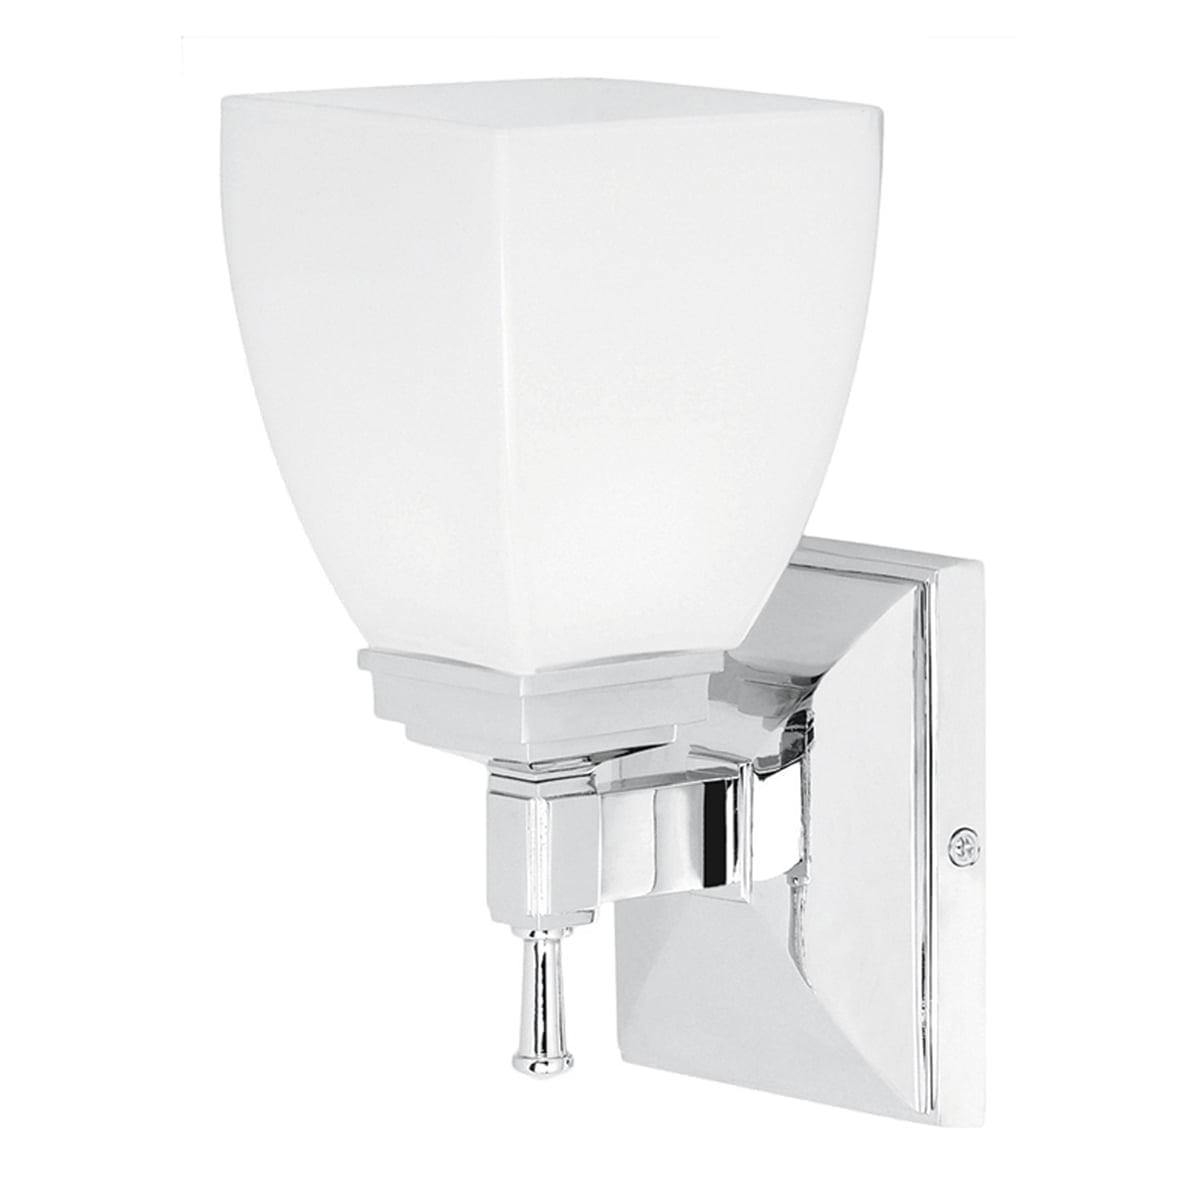 Elstead BATH/SB1 Bathroom Shirebrook Wall Light